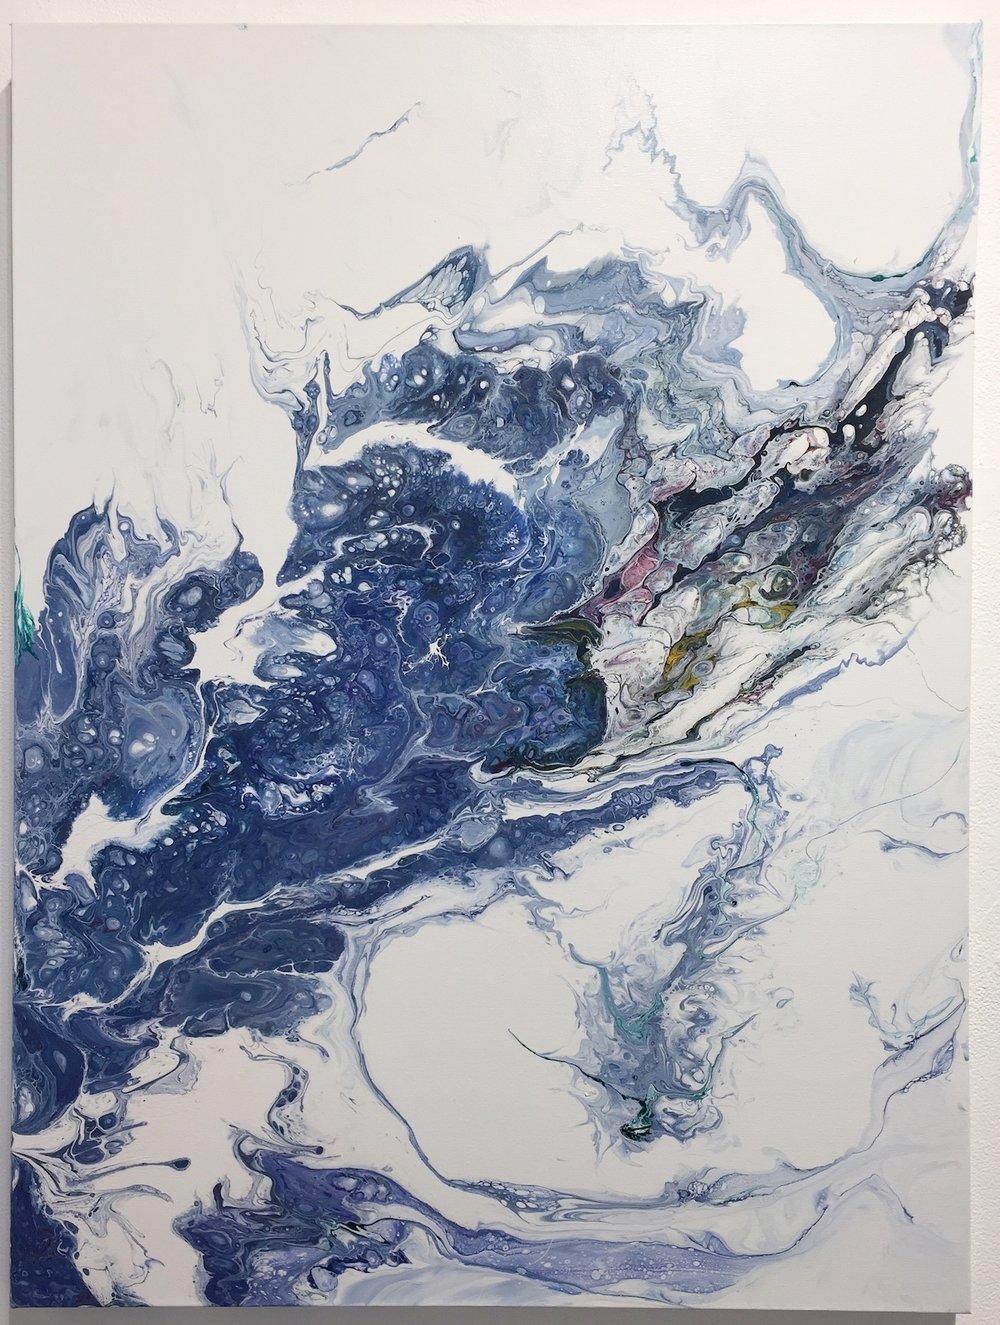 """Oceana , 2018  Acrylic on Canvas, 40"""" x 30""""  $2200  SOLD"""